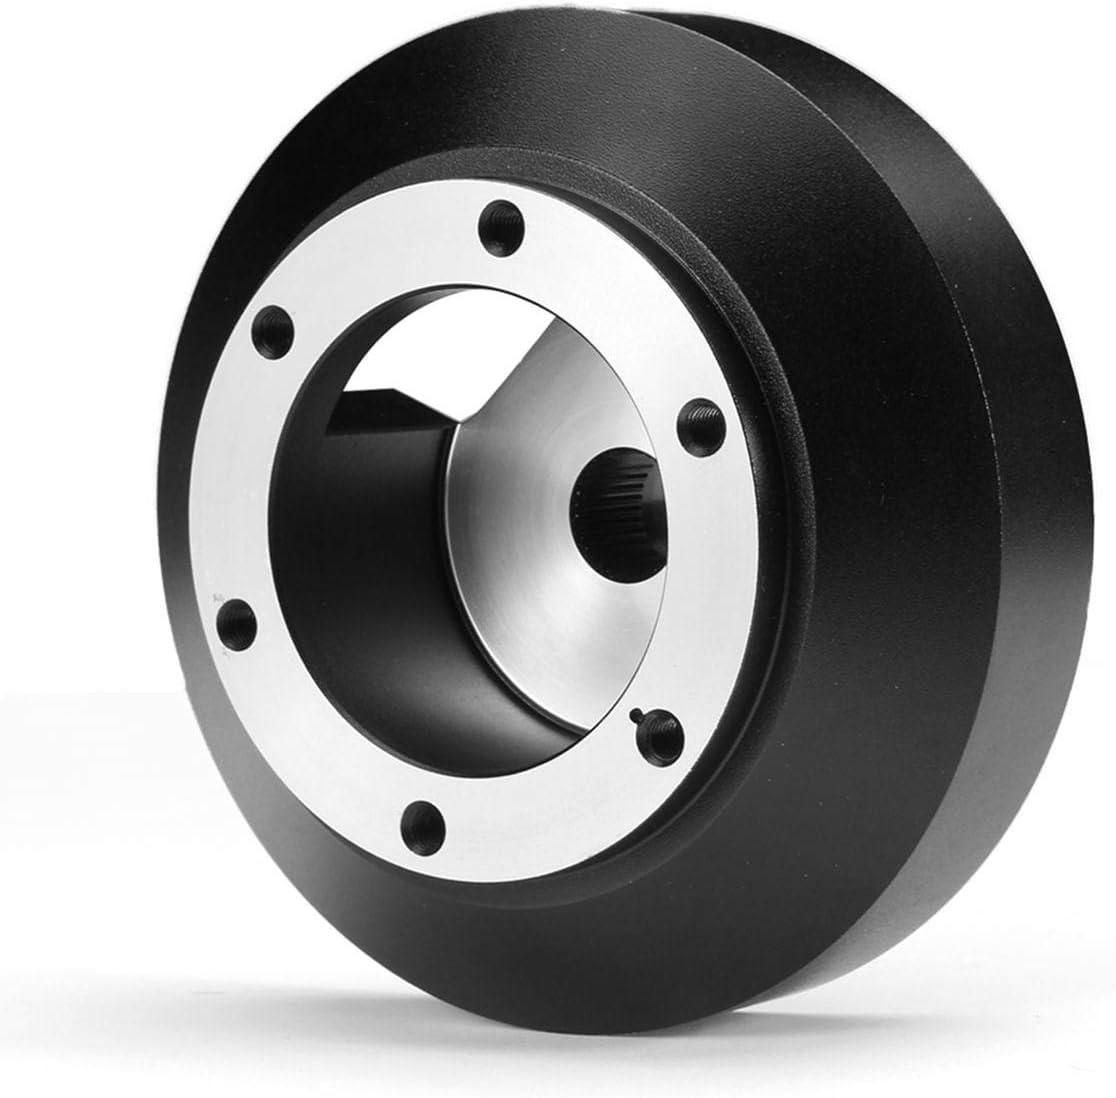 1 pc Steering Wheel Hubs Adapter Boss Kit for Nissan//350Z//370Z NRG Steering Wheel 6-Hole Short Thin SRK-141H Quick Release